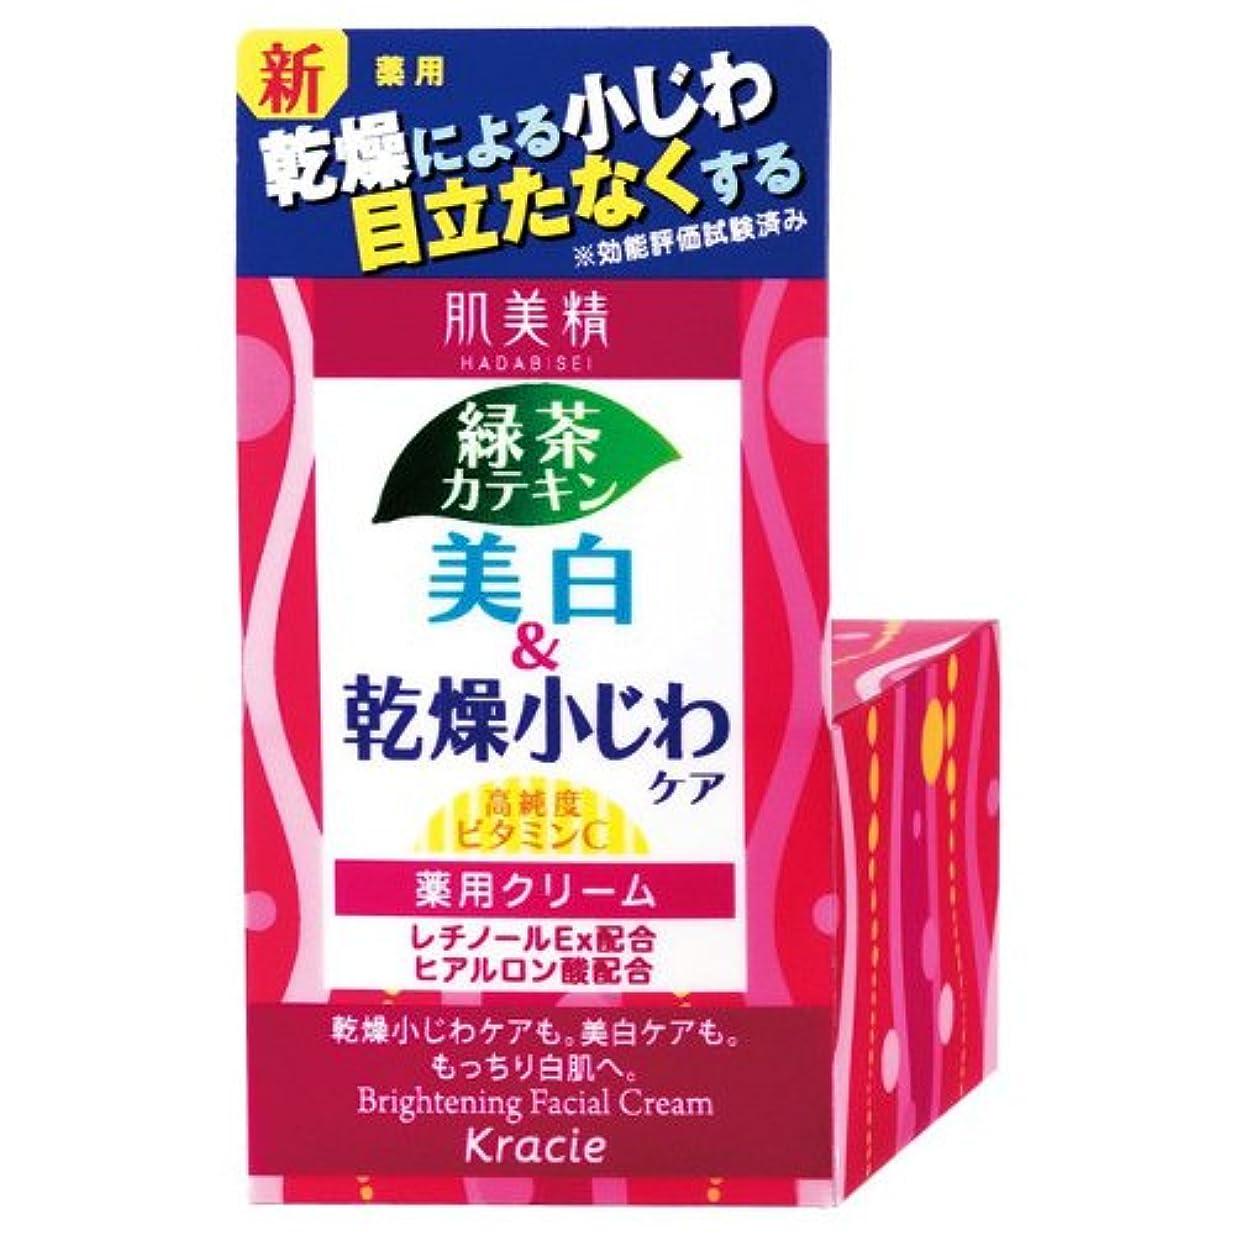 ソーセージバック成功する肌美精 薬用美白&乾燥小じわケア クリーム 50g [医薬部外品]